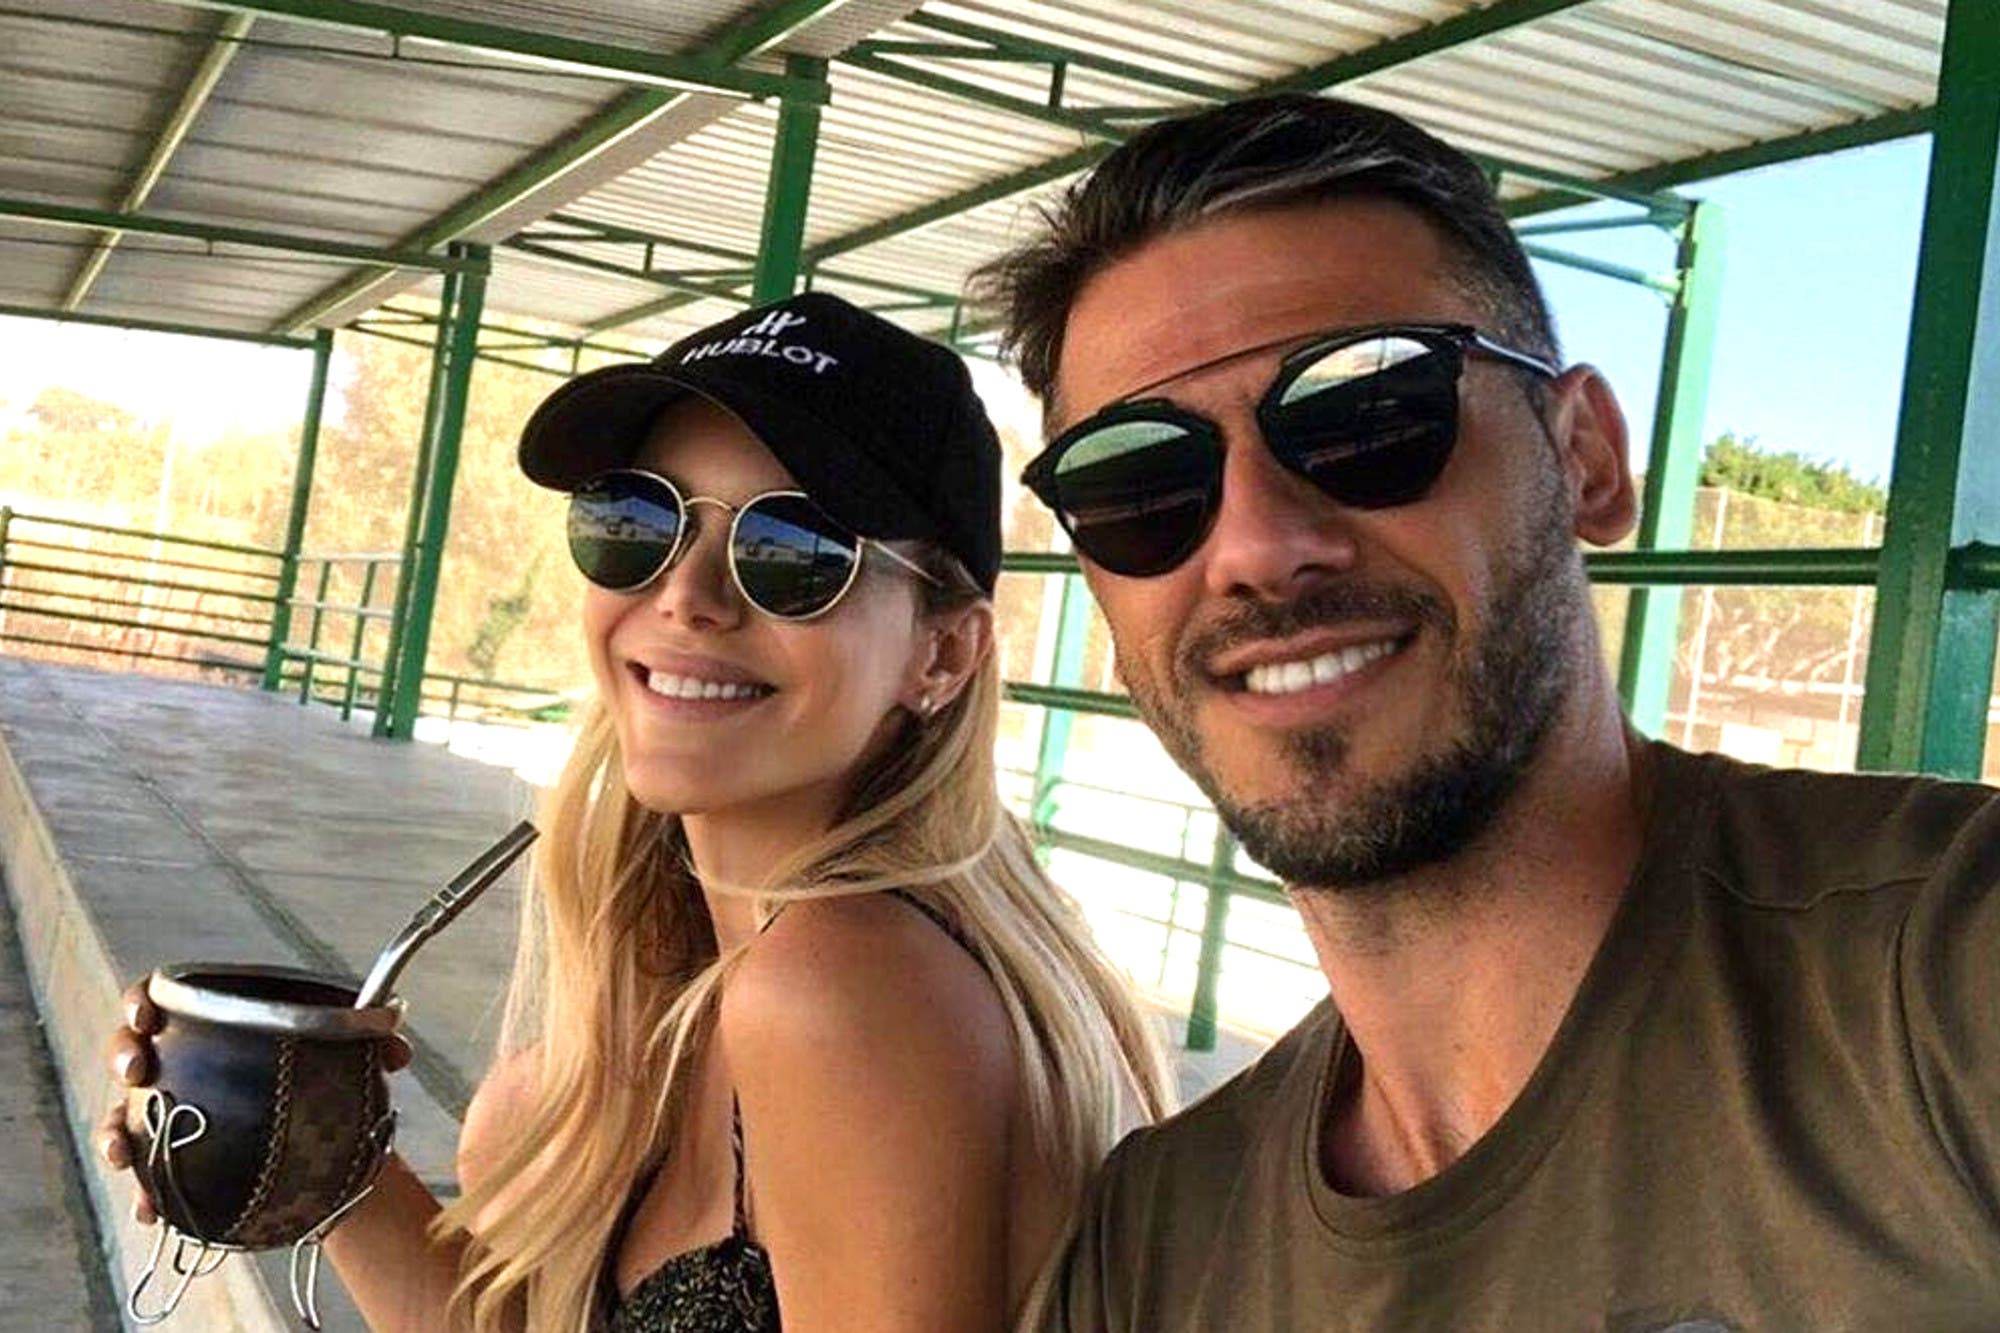 La cuarentena de Evangelina Anderson y Martín Demichelis en Múnich: pueden salir a hacer deporte y dejan las bicicletas sin candado